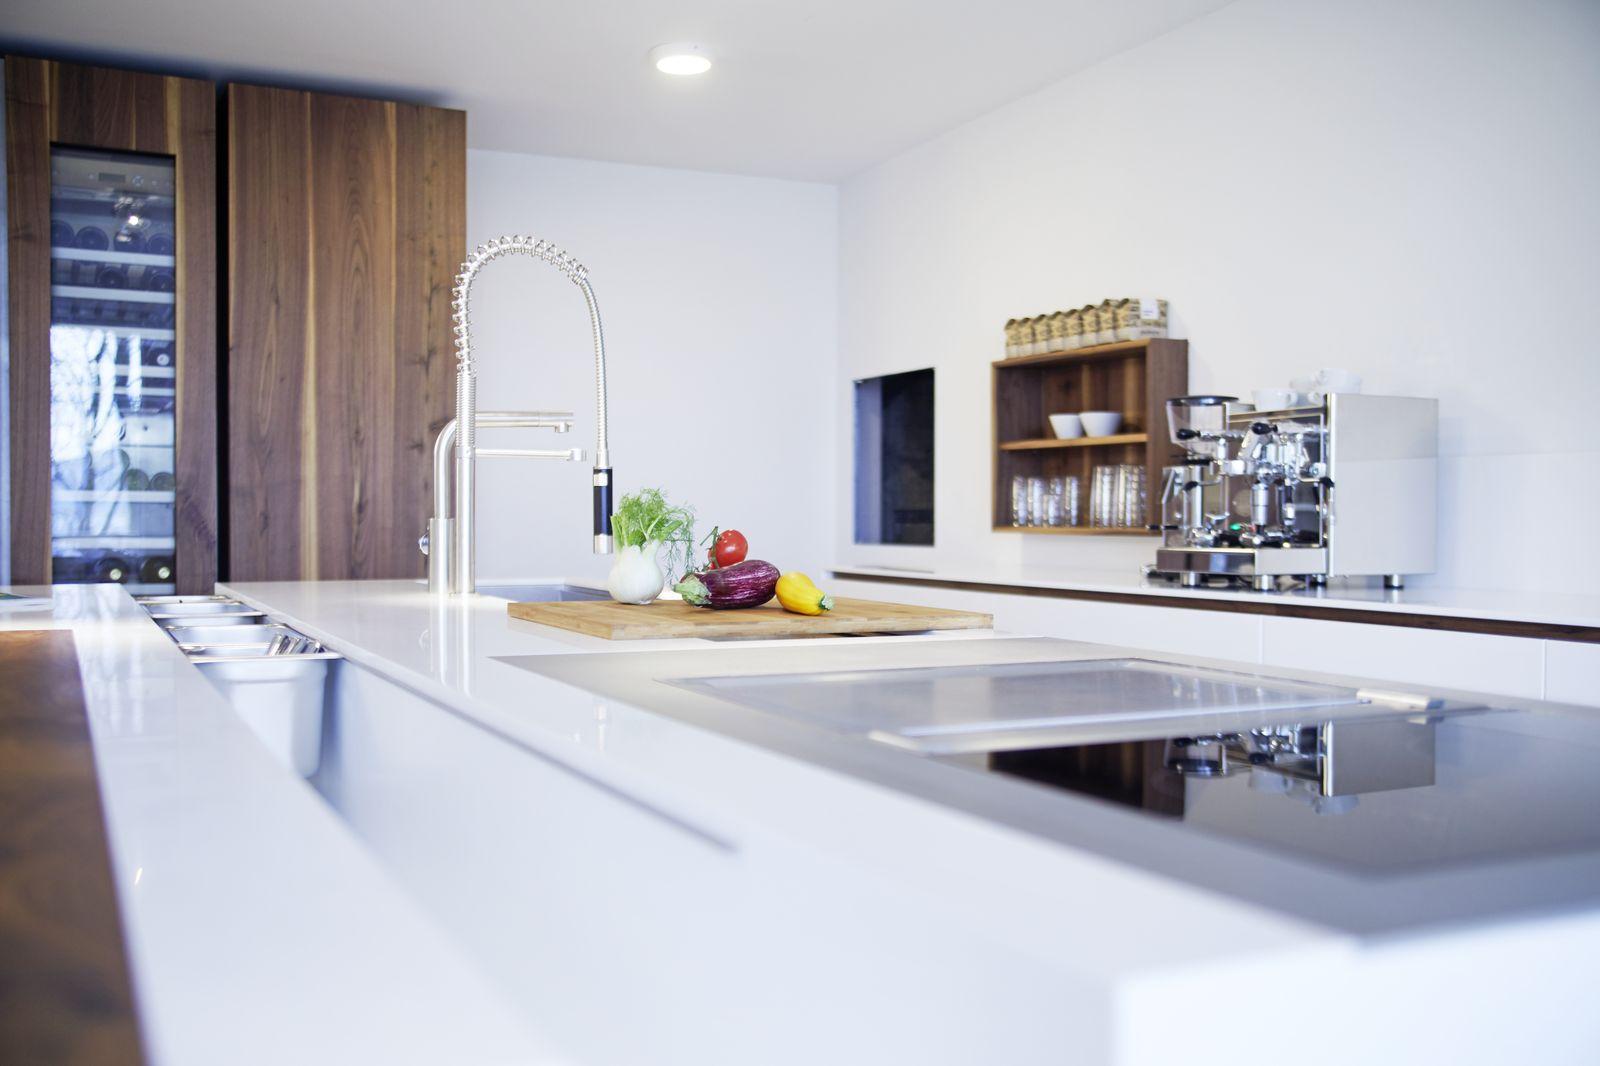 plan 3 kuchyně / Надземный бункер в Зингене (Siegen) / Кухонная мастерская plan 3 кухни